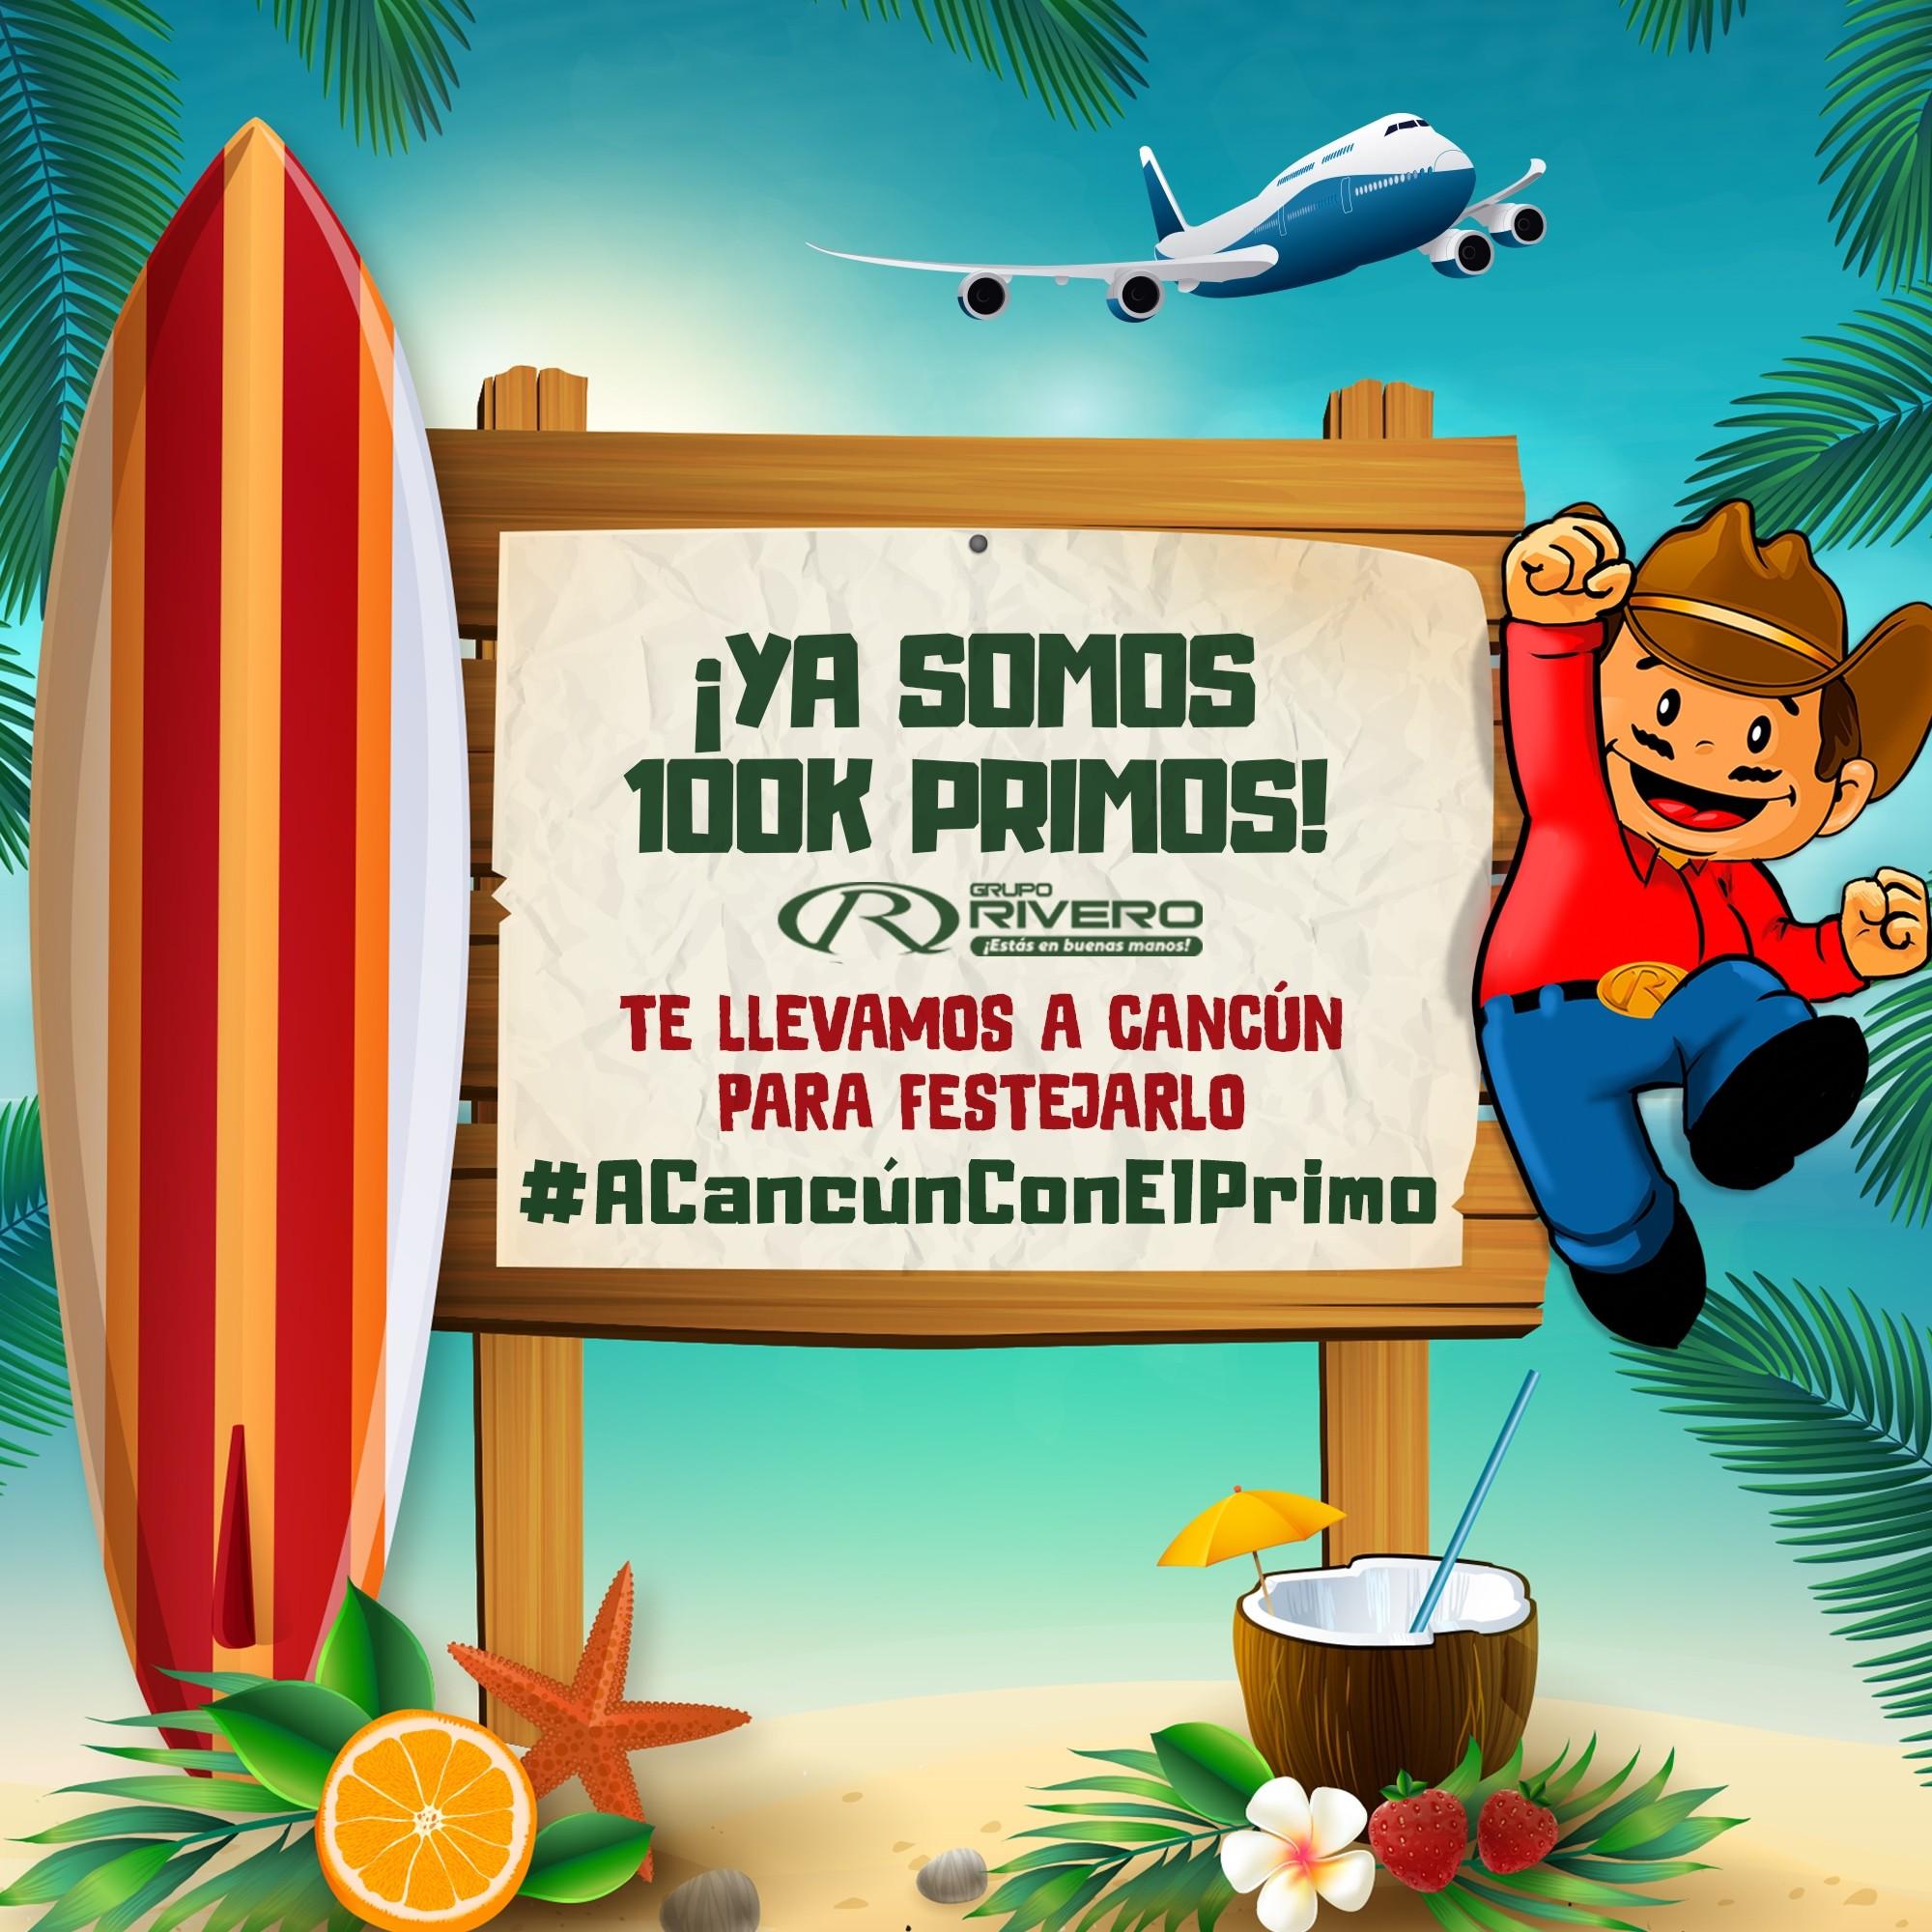 Grupo Rivero Te Lleva a Cancun